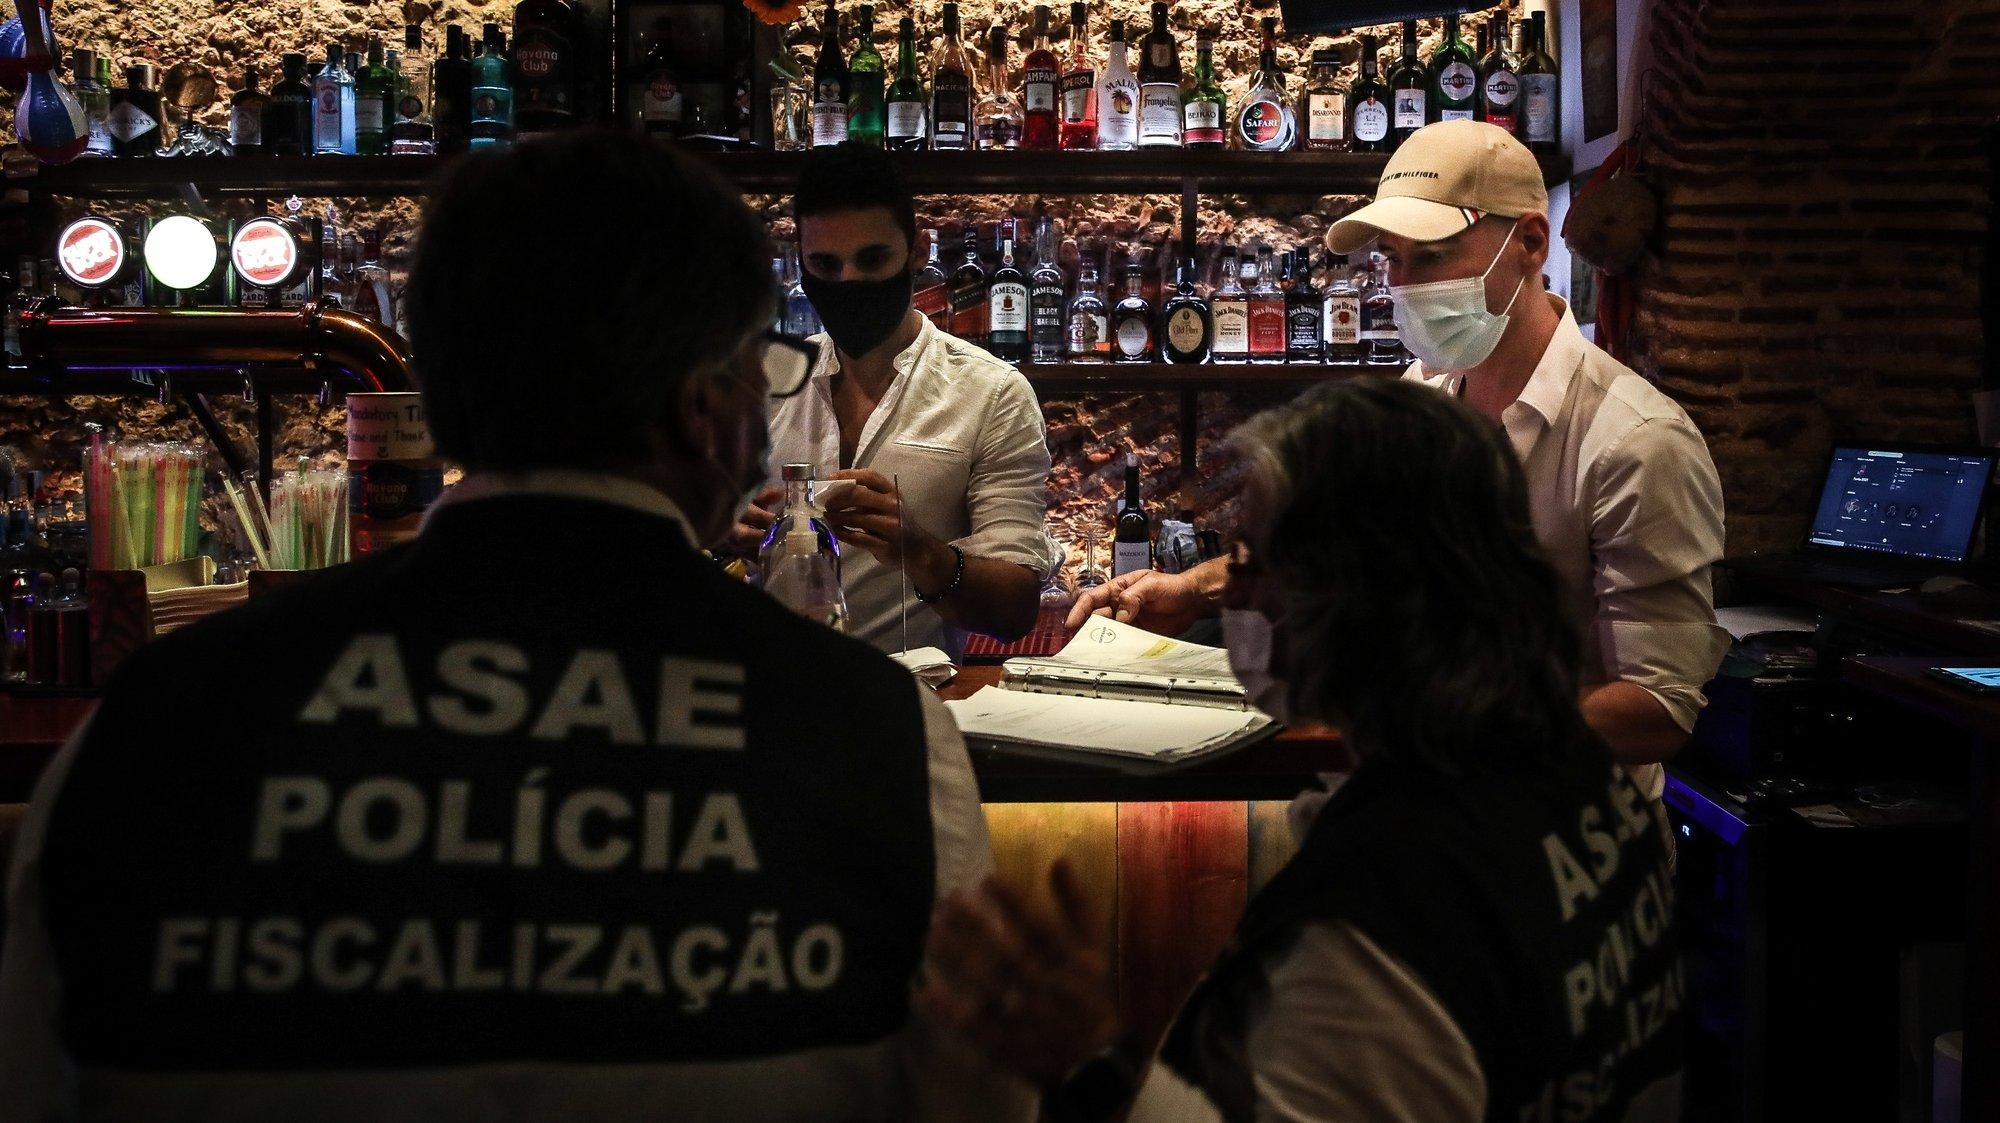 Ação de fiscalização da ASAE em parceria com a Polícia Municipal de Lisboa a estabelecimentos comerciais e restauração no âmbito das medidas de restrição da covid-19, no Bairro Alto, em Lisboa, 25 de junho de 2021. MÁRIO CRUZ/LUSA